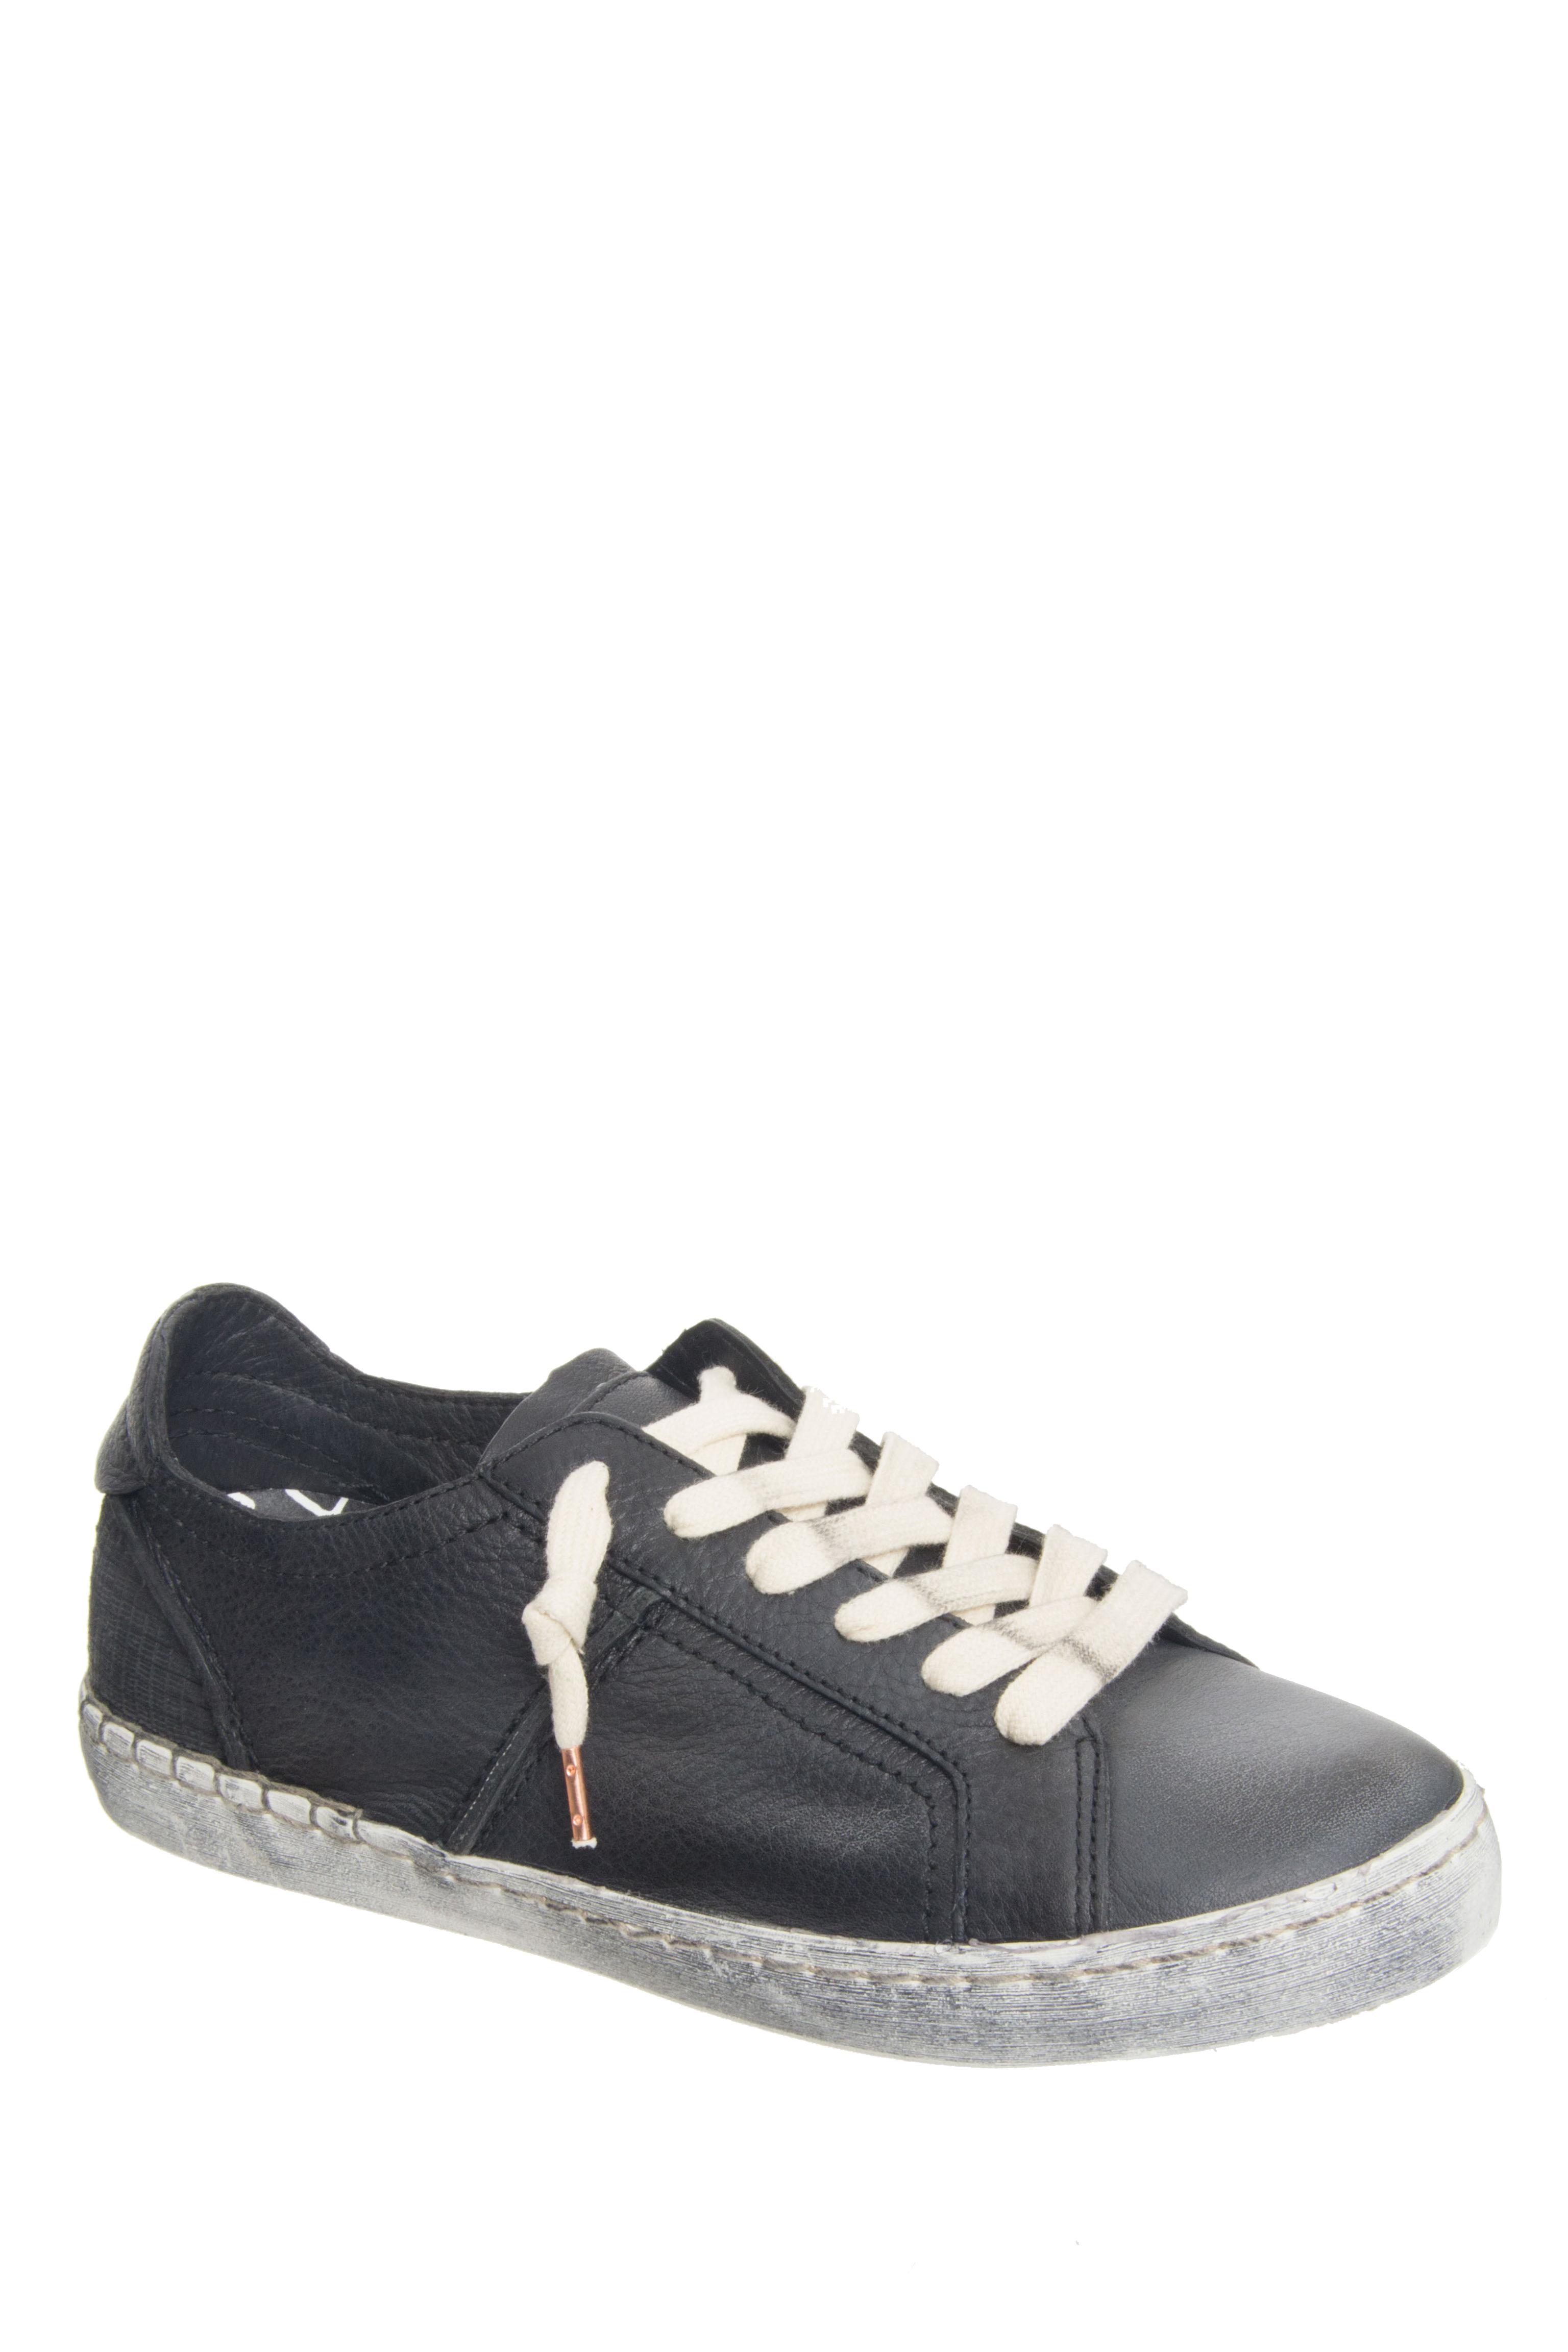 Dolce Vita Zander Low Top Sneakers - Black